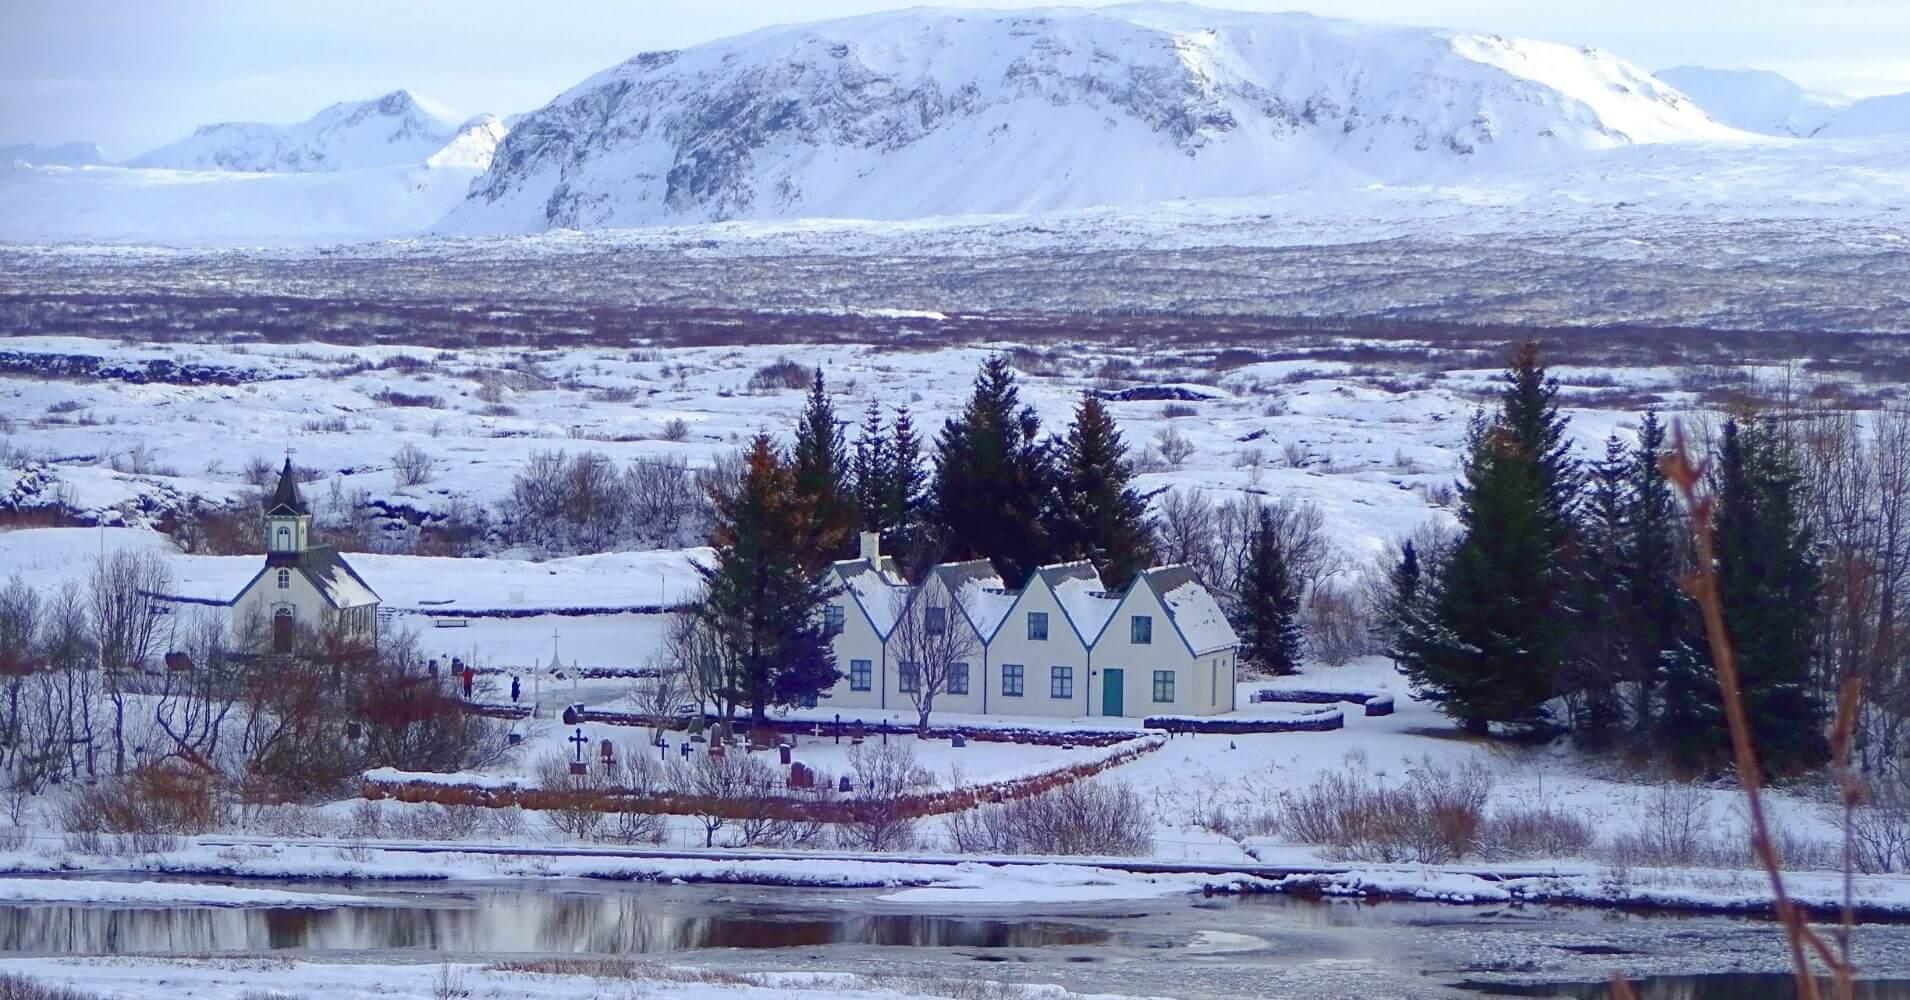 Granjas islandesas y paisajes invernales.